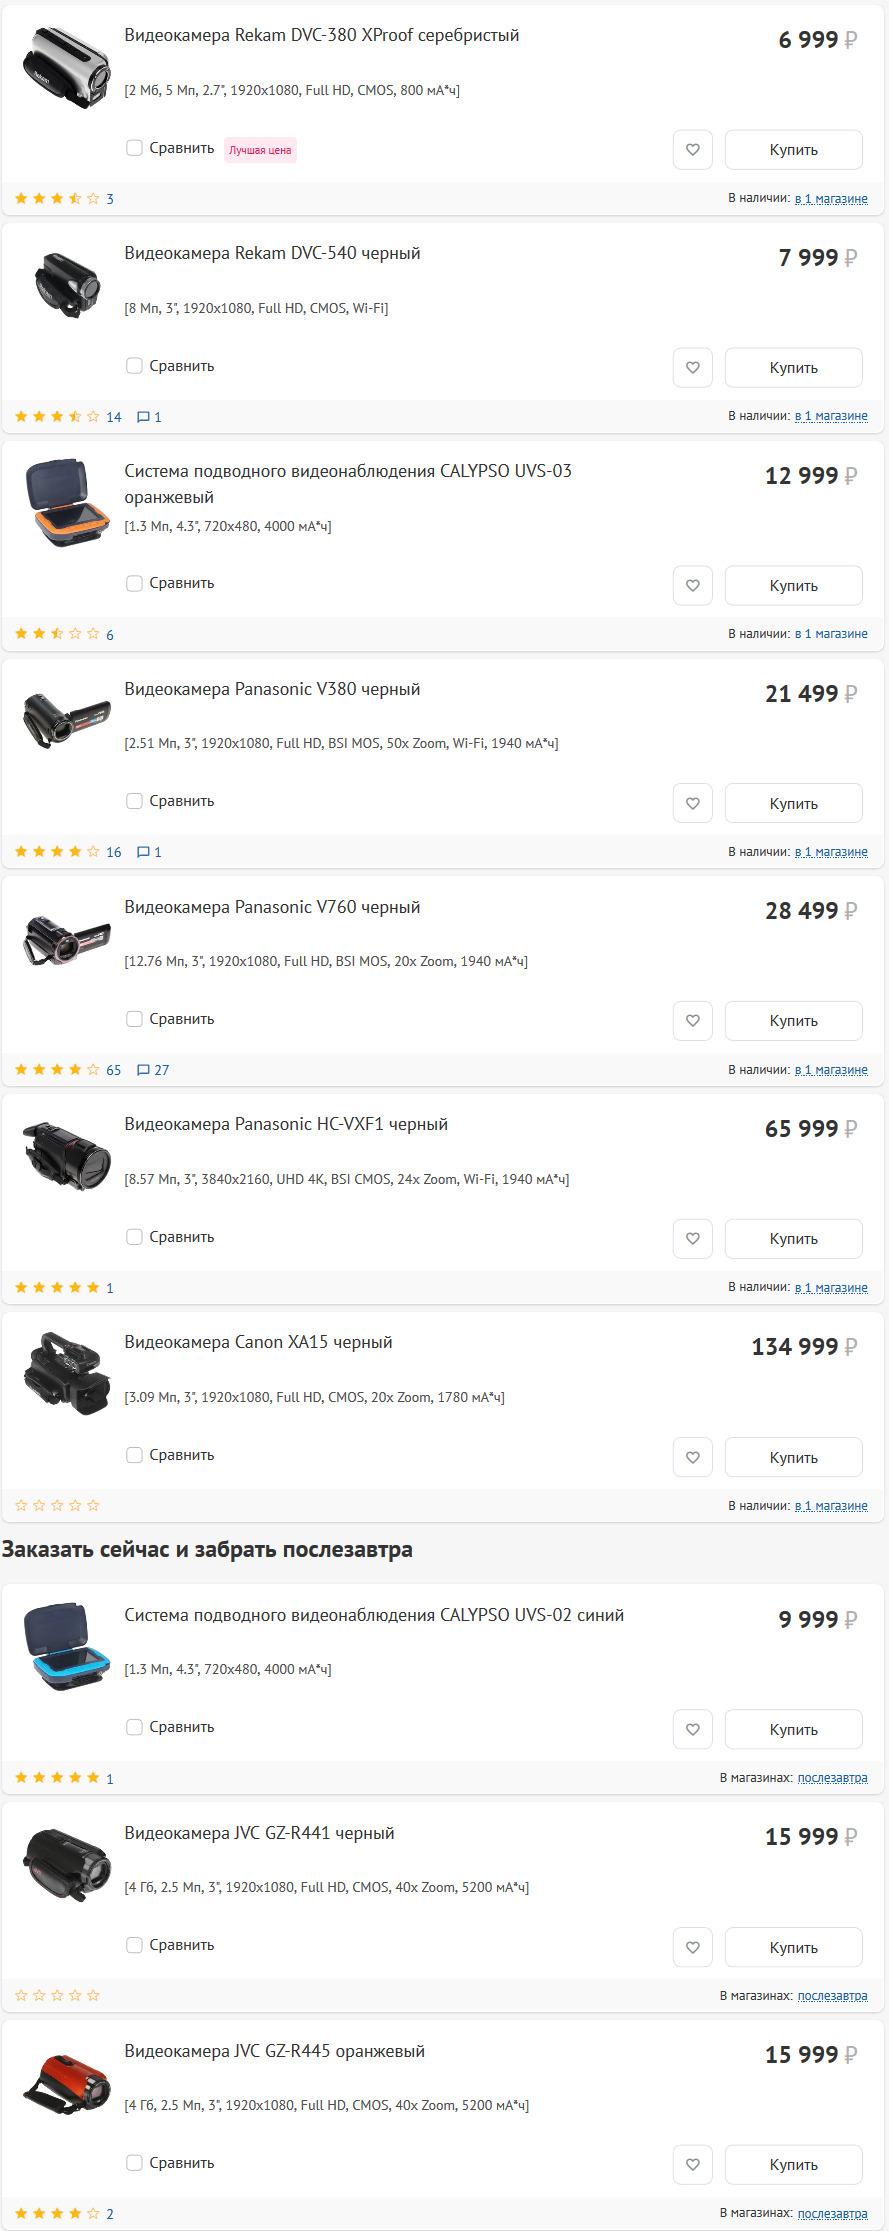 Видеокамеры в Технопоинт